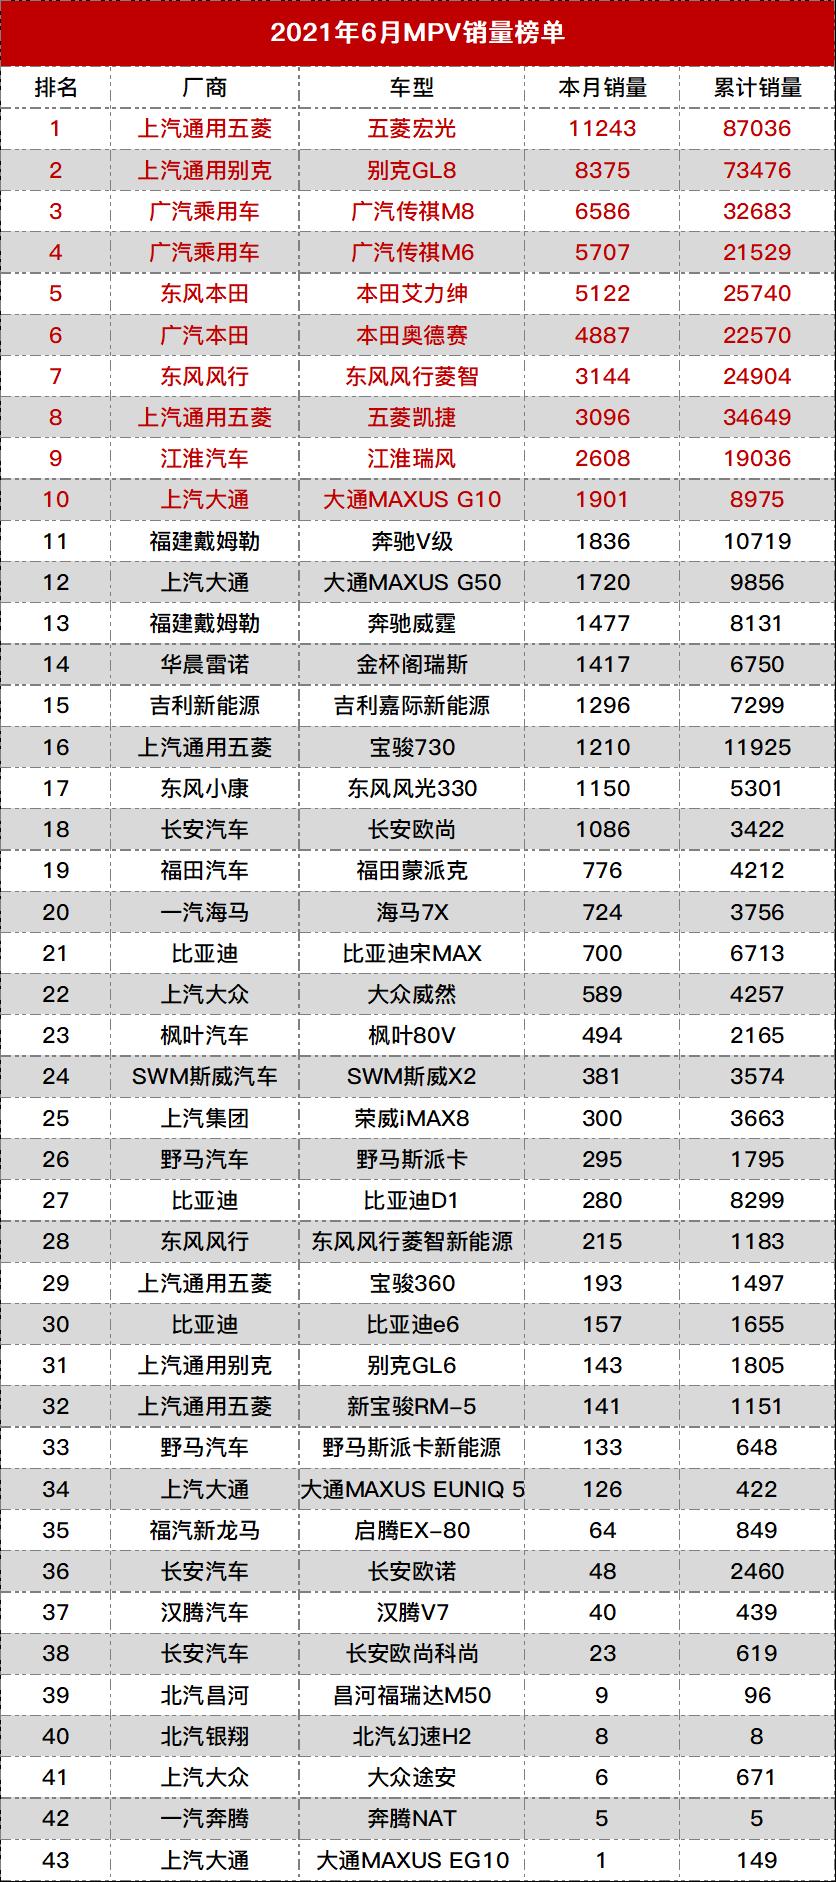 2021年6月MPV销量榜单.png